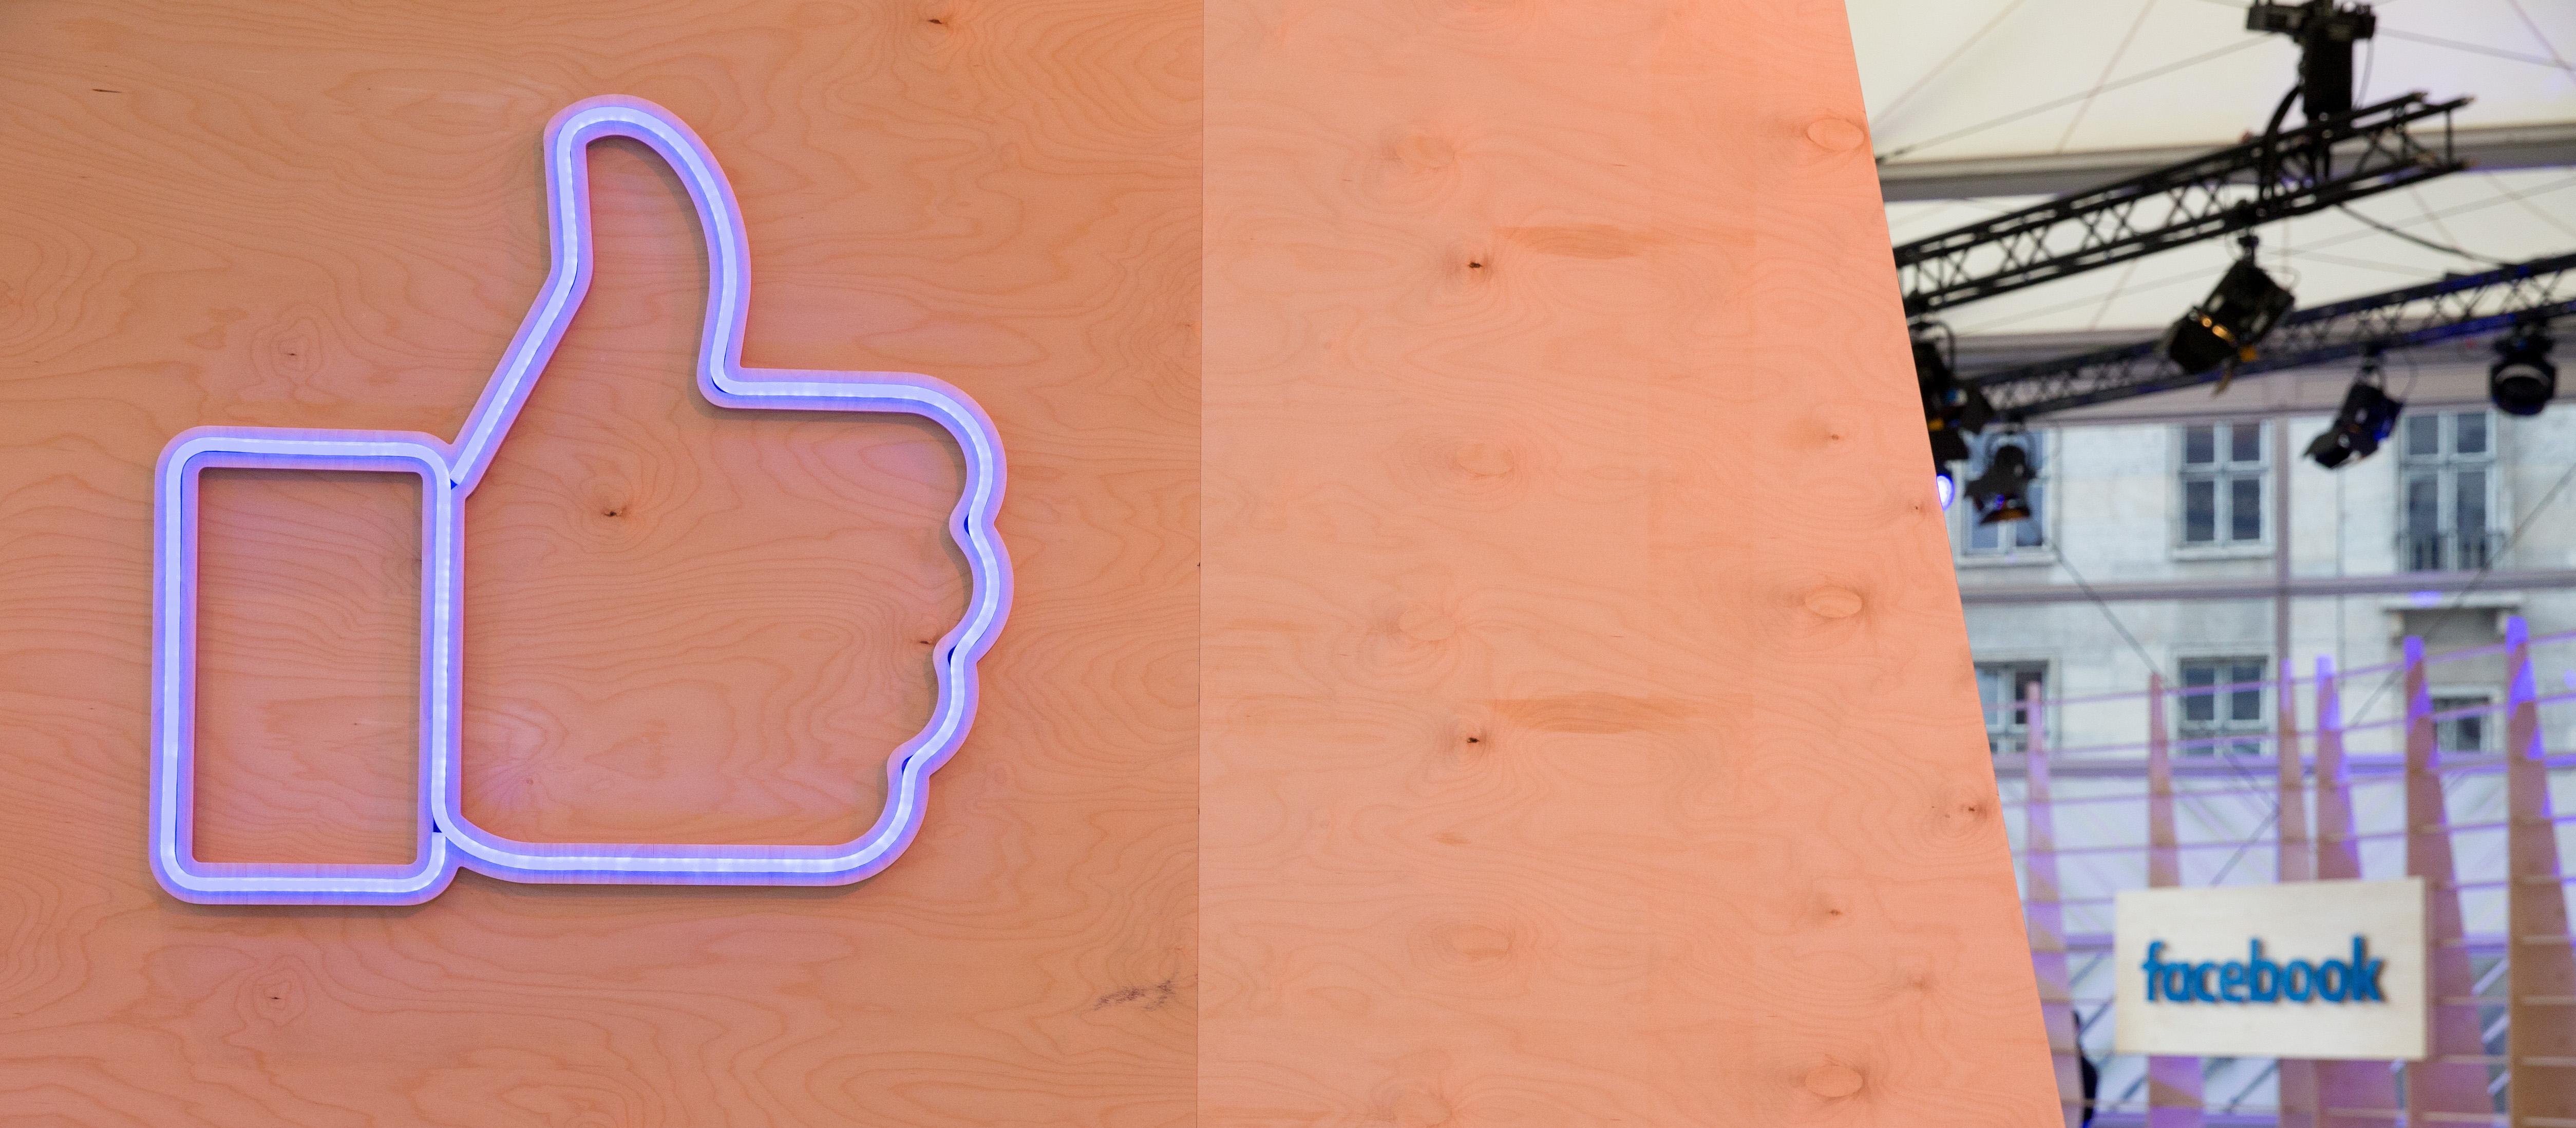 Ha az EU-n múlna, a munkáltatók a jövőben nem meózhatnák le az álláskeresőket a Facebookon